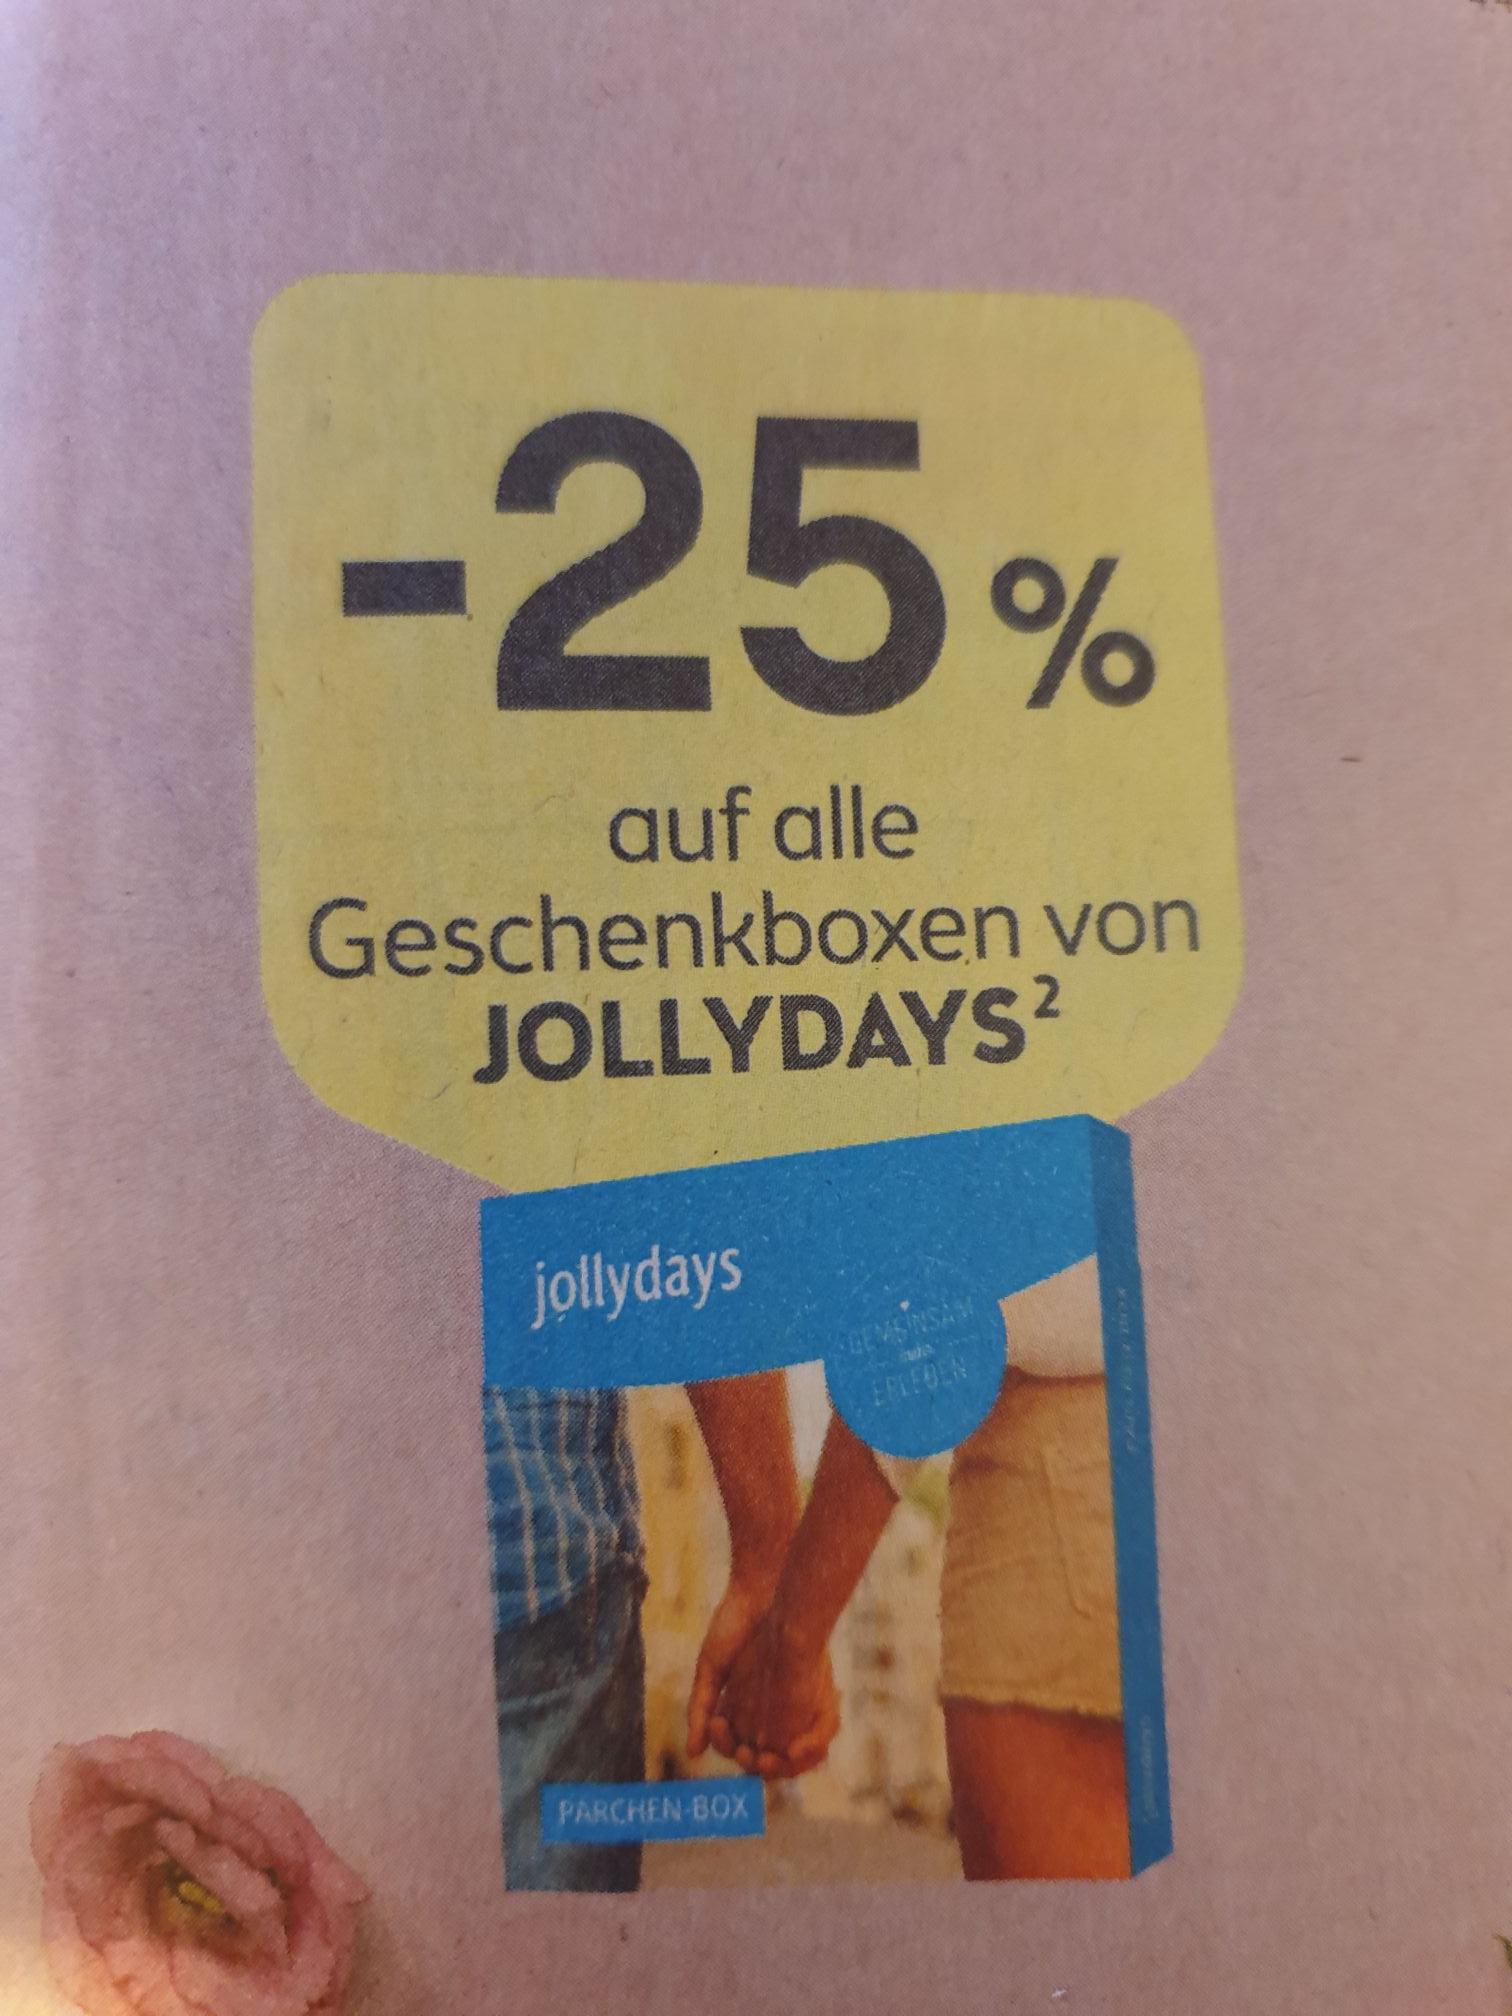 [Bipa] -25% auf alle JollyDays Geschenkboxen